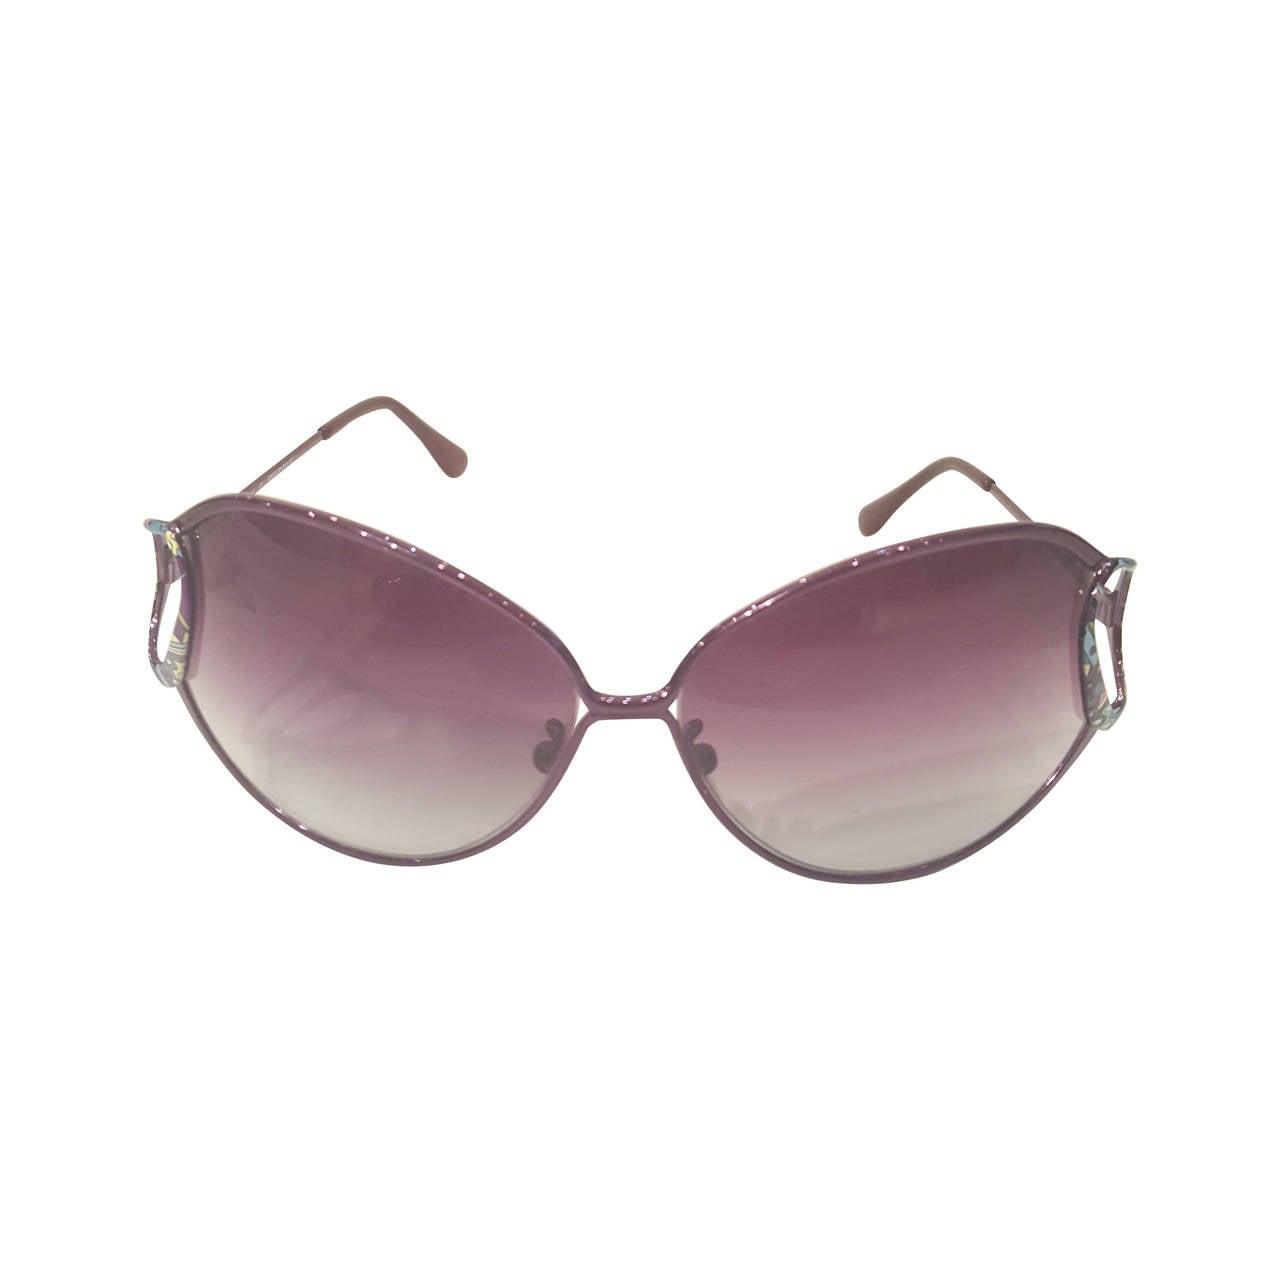 1990s Emilio Pucci purple sunglasses For Sale